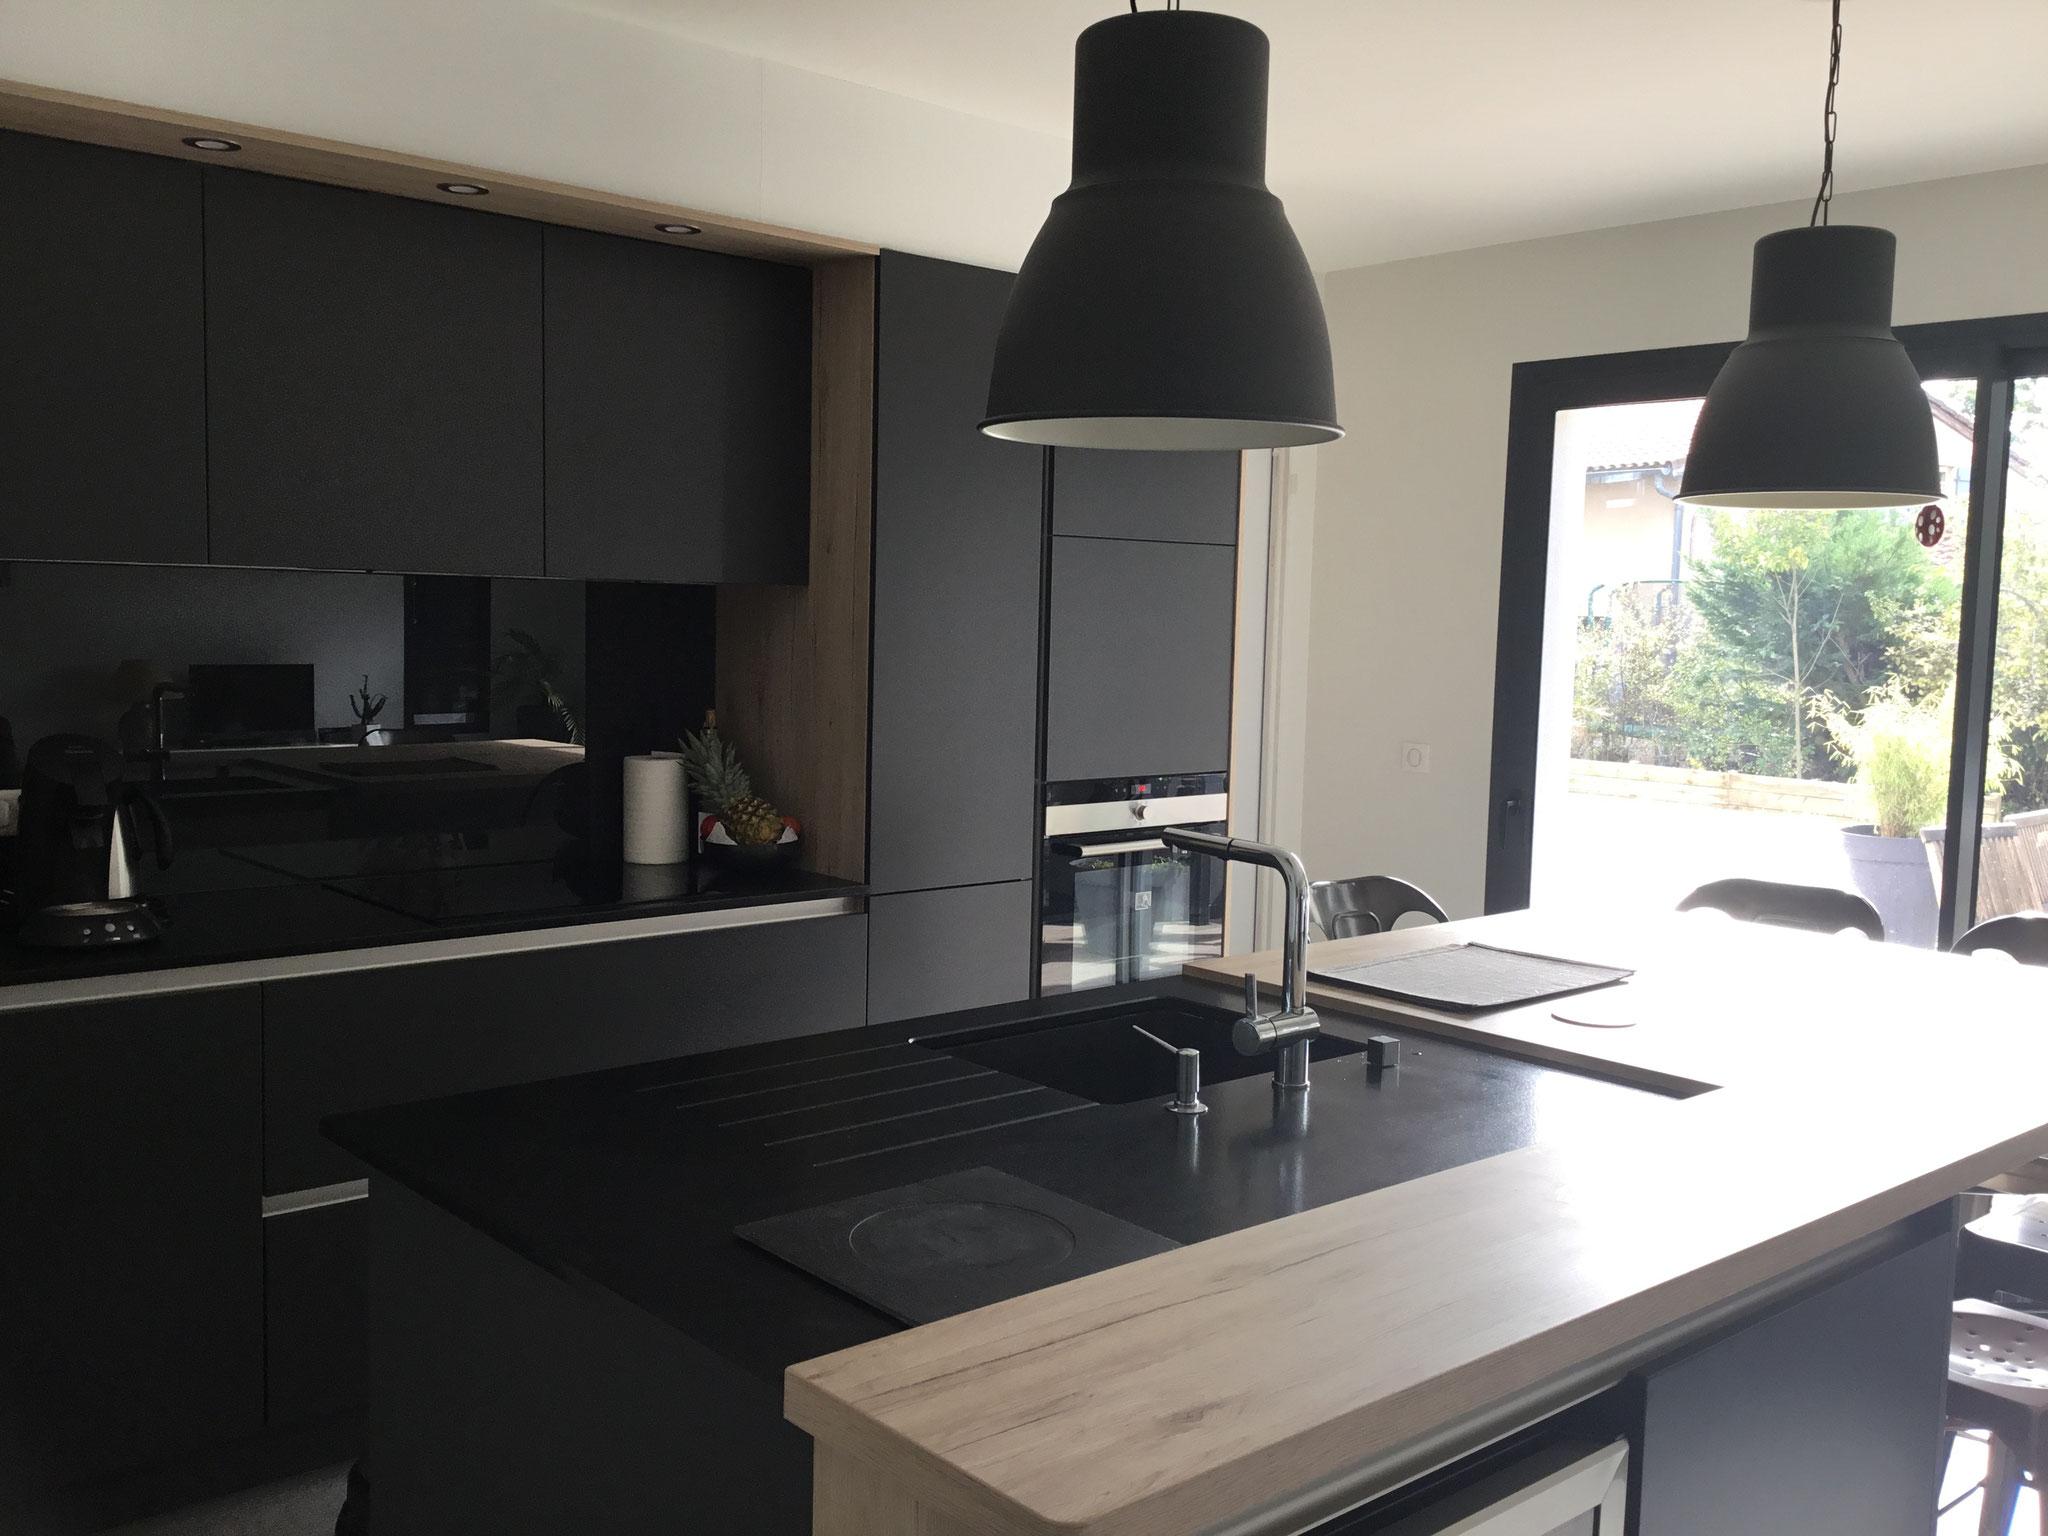 cuisine contemporaine avec ilot graphite( noir) et bois par cuisine design TOULOUSE